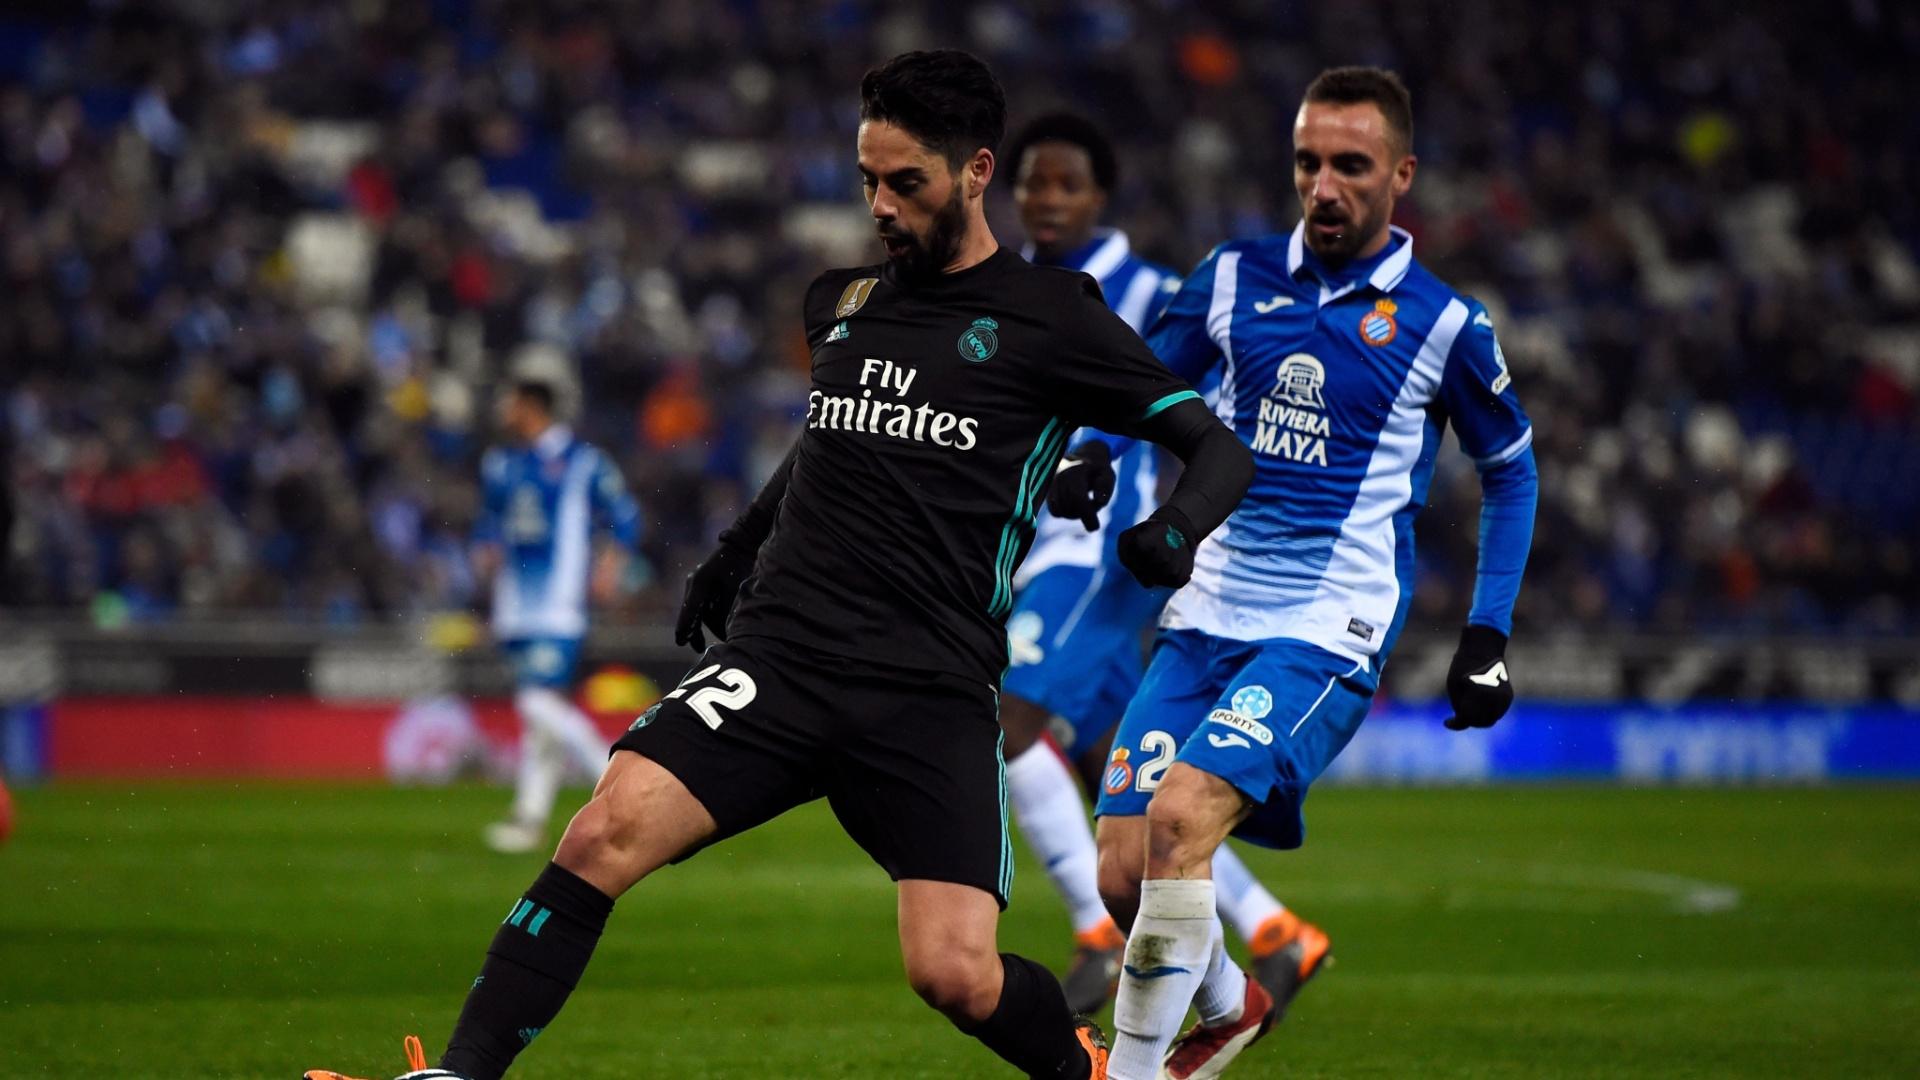 Isco em ação pelo Real Madrid contra o time do Espanyol